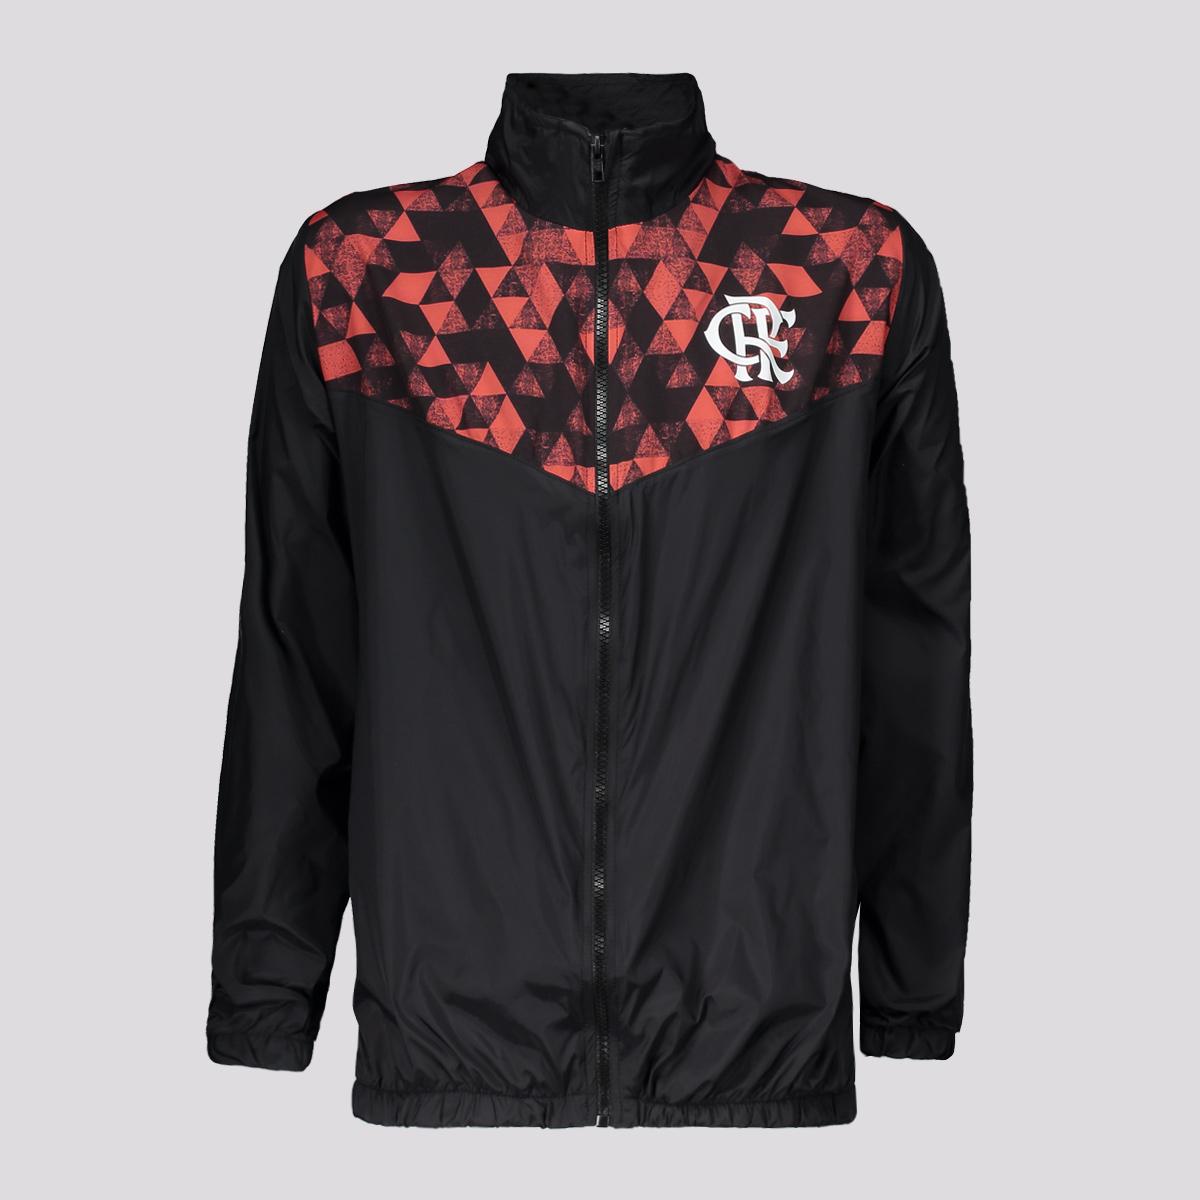 Casaco/Jaqueta Braziline Flamengo Sleeve Masculino - Preto